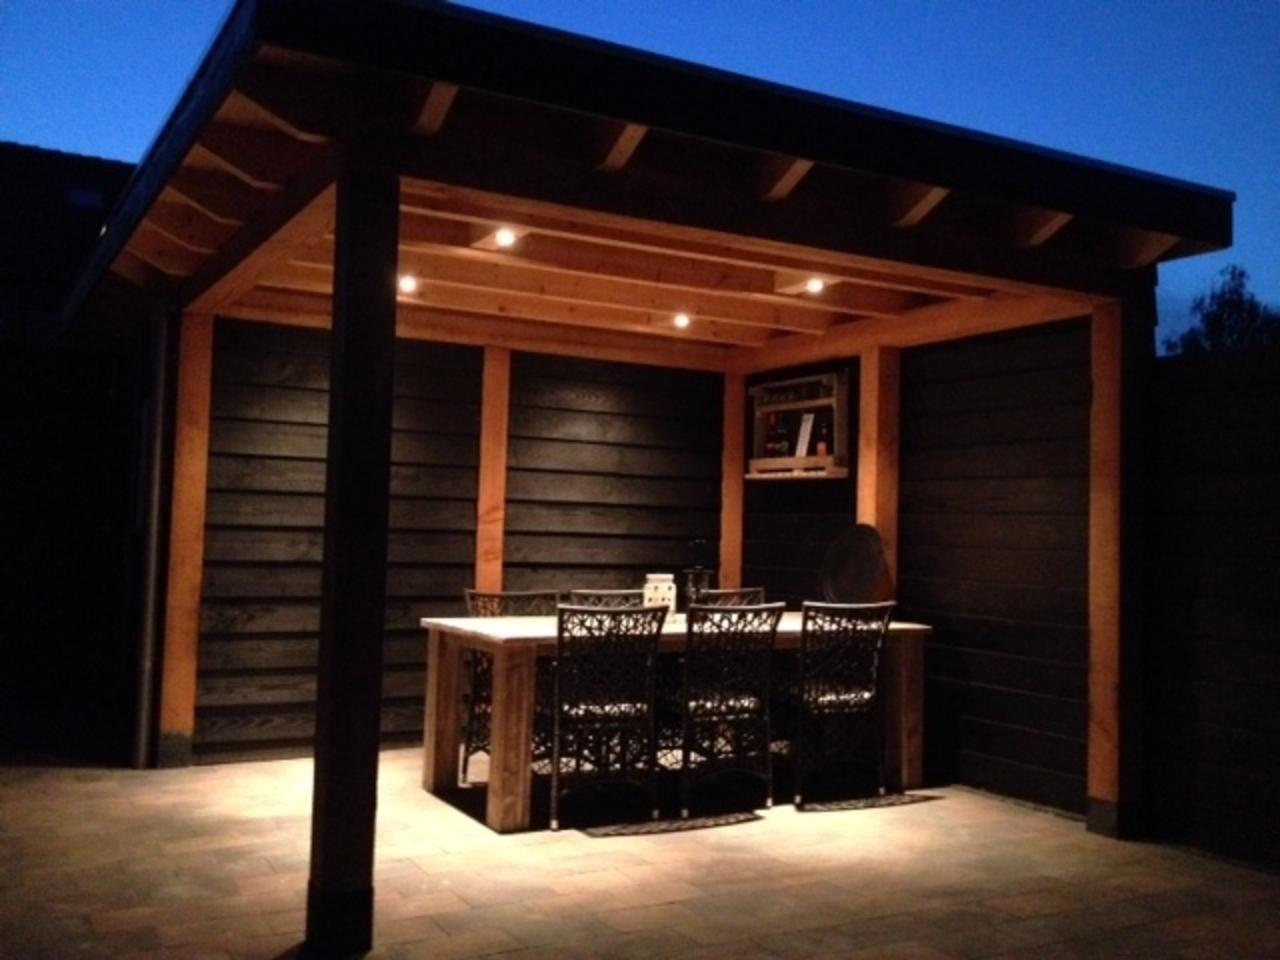 veranda verlichting - Google zoeken | Lights | Pinterest | Balcony ...